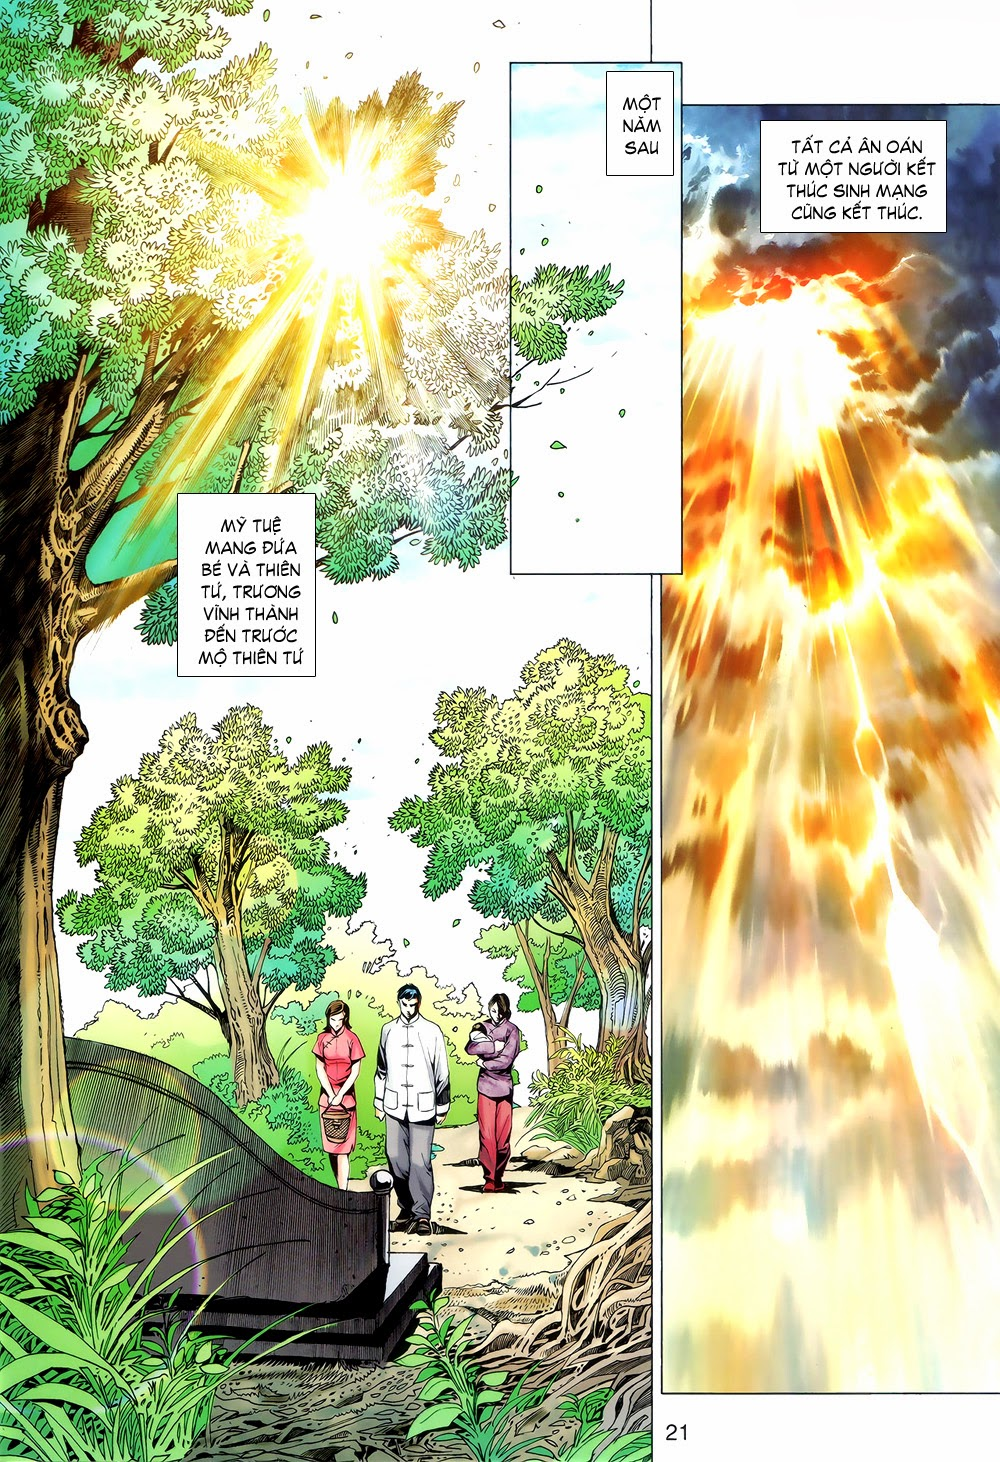 Diệp Vấn Tiền Truyện chap 20 - Trang 19